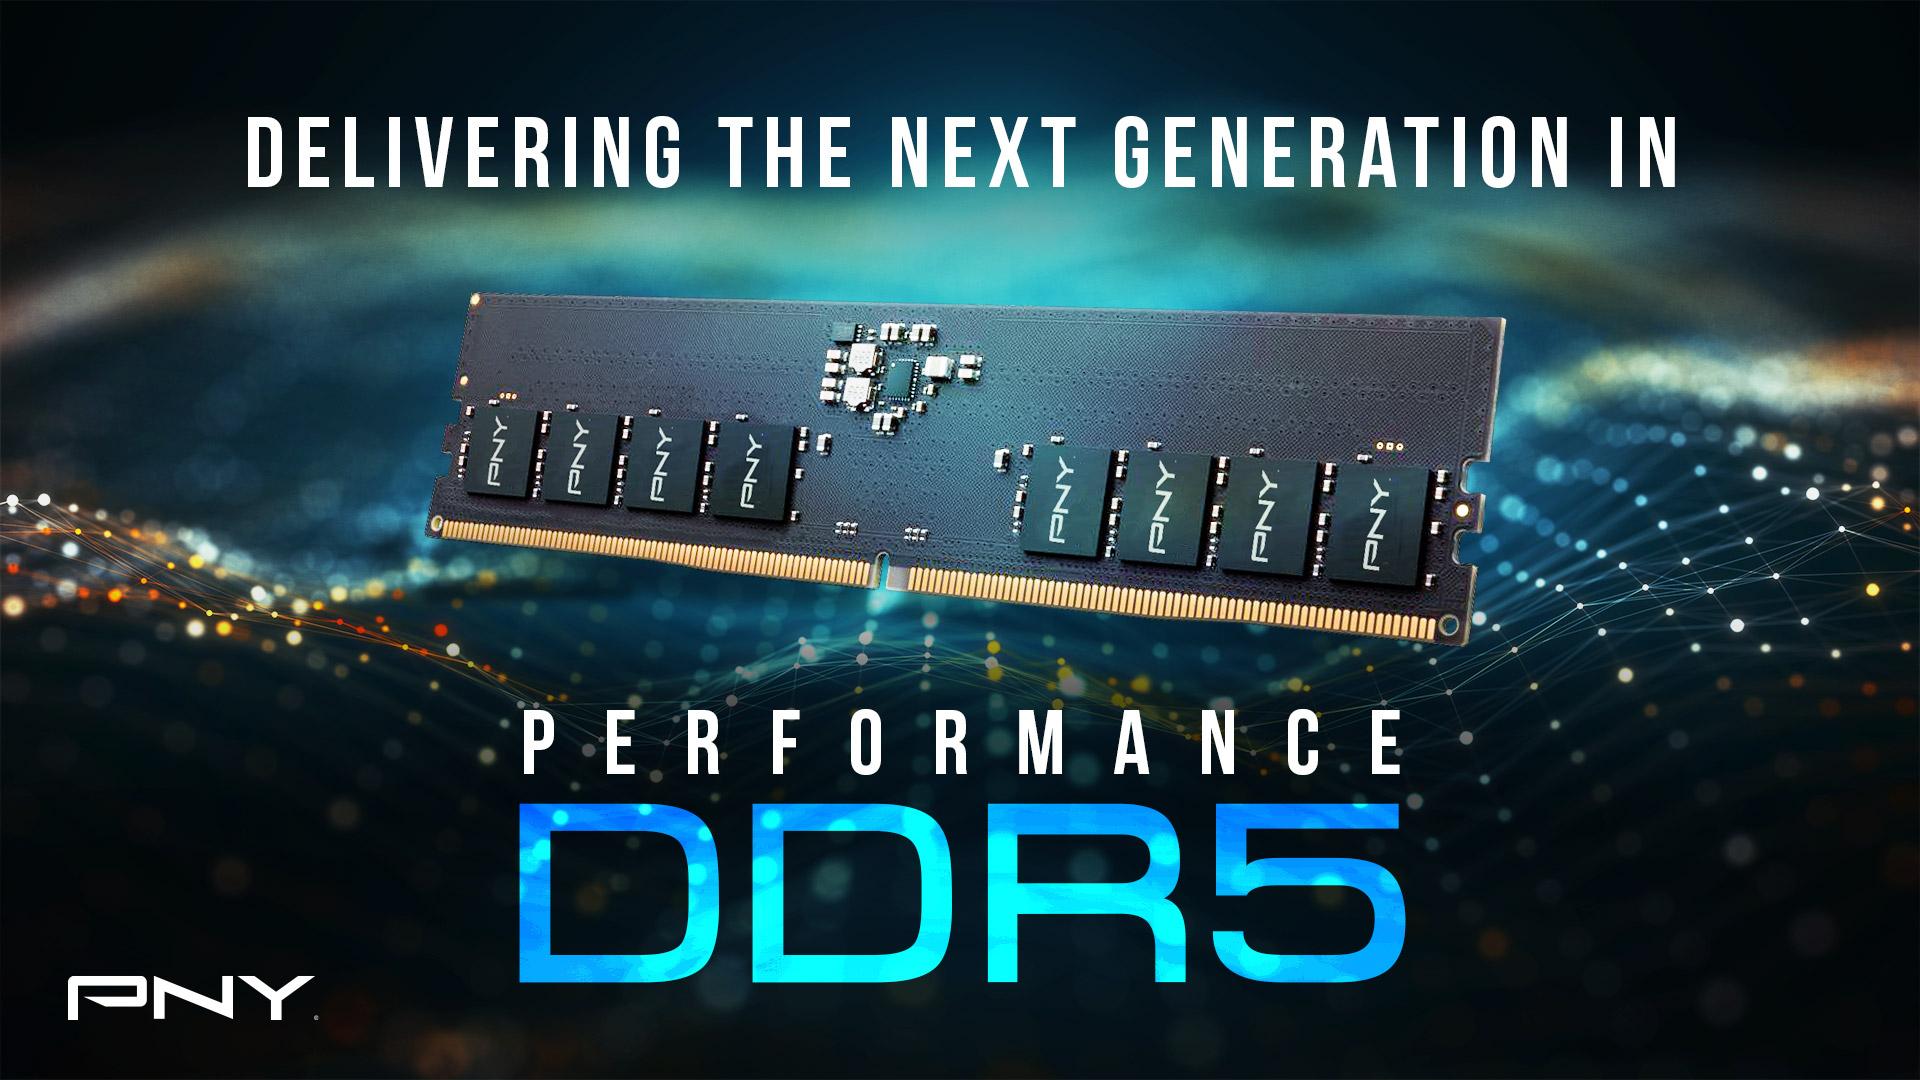 Wydajność nowej generacji – PNY zapowiada pamięć Performance DDR5 4800MHz